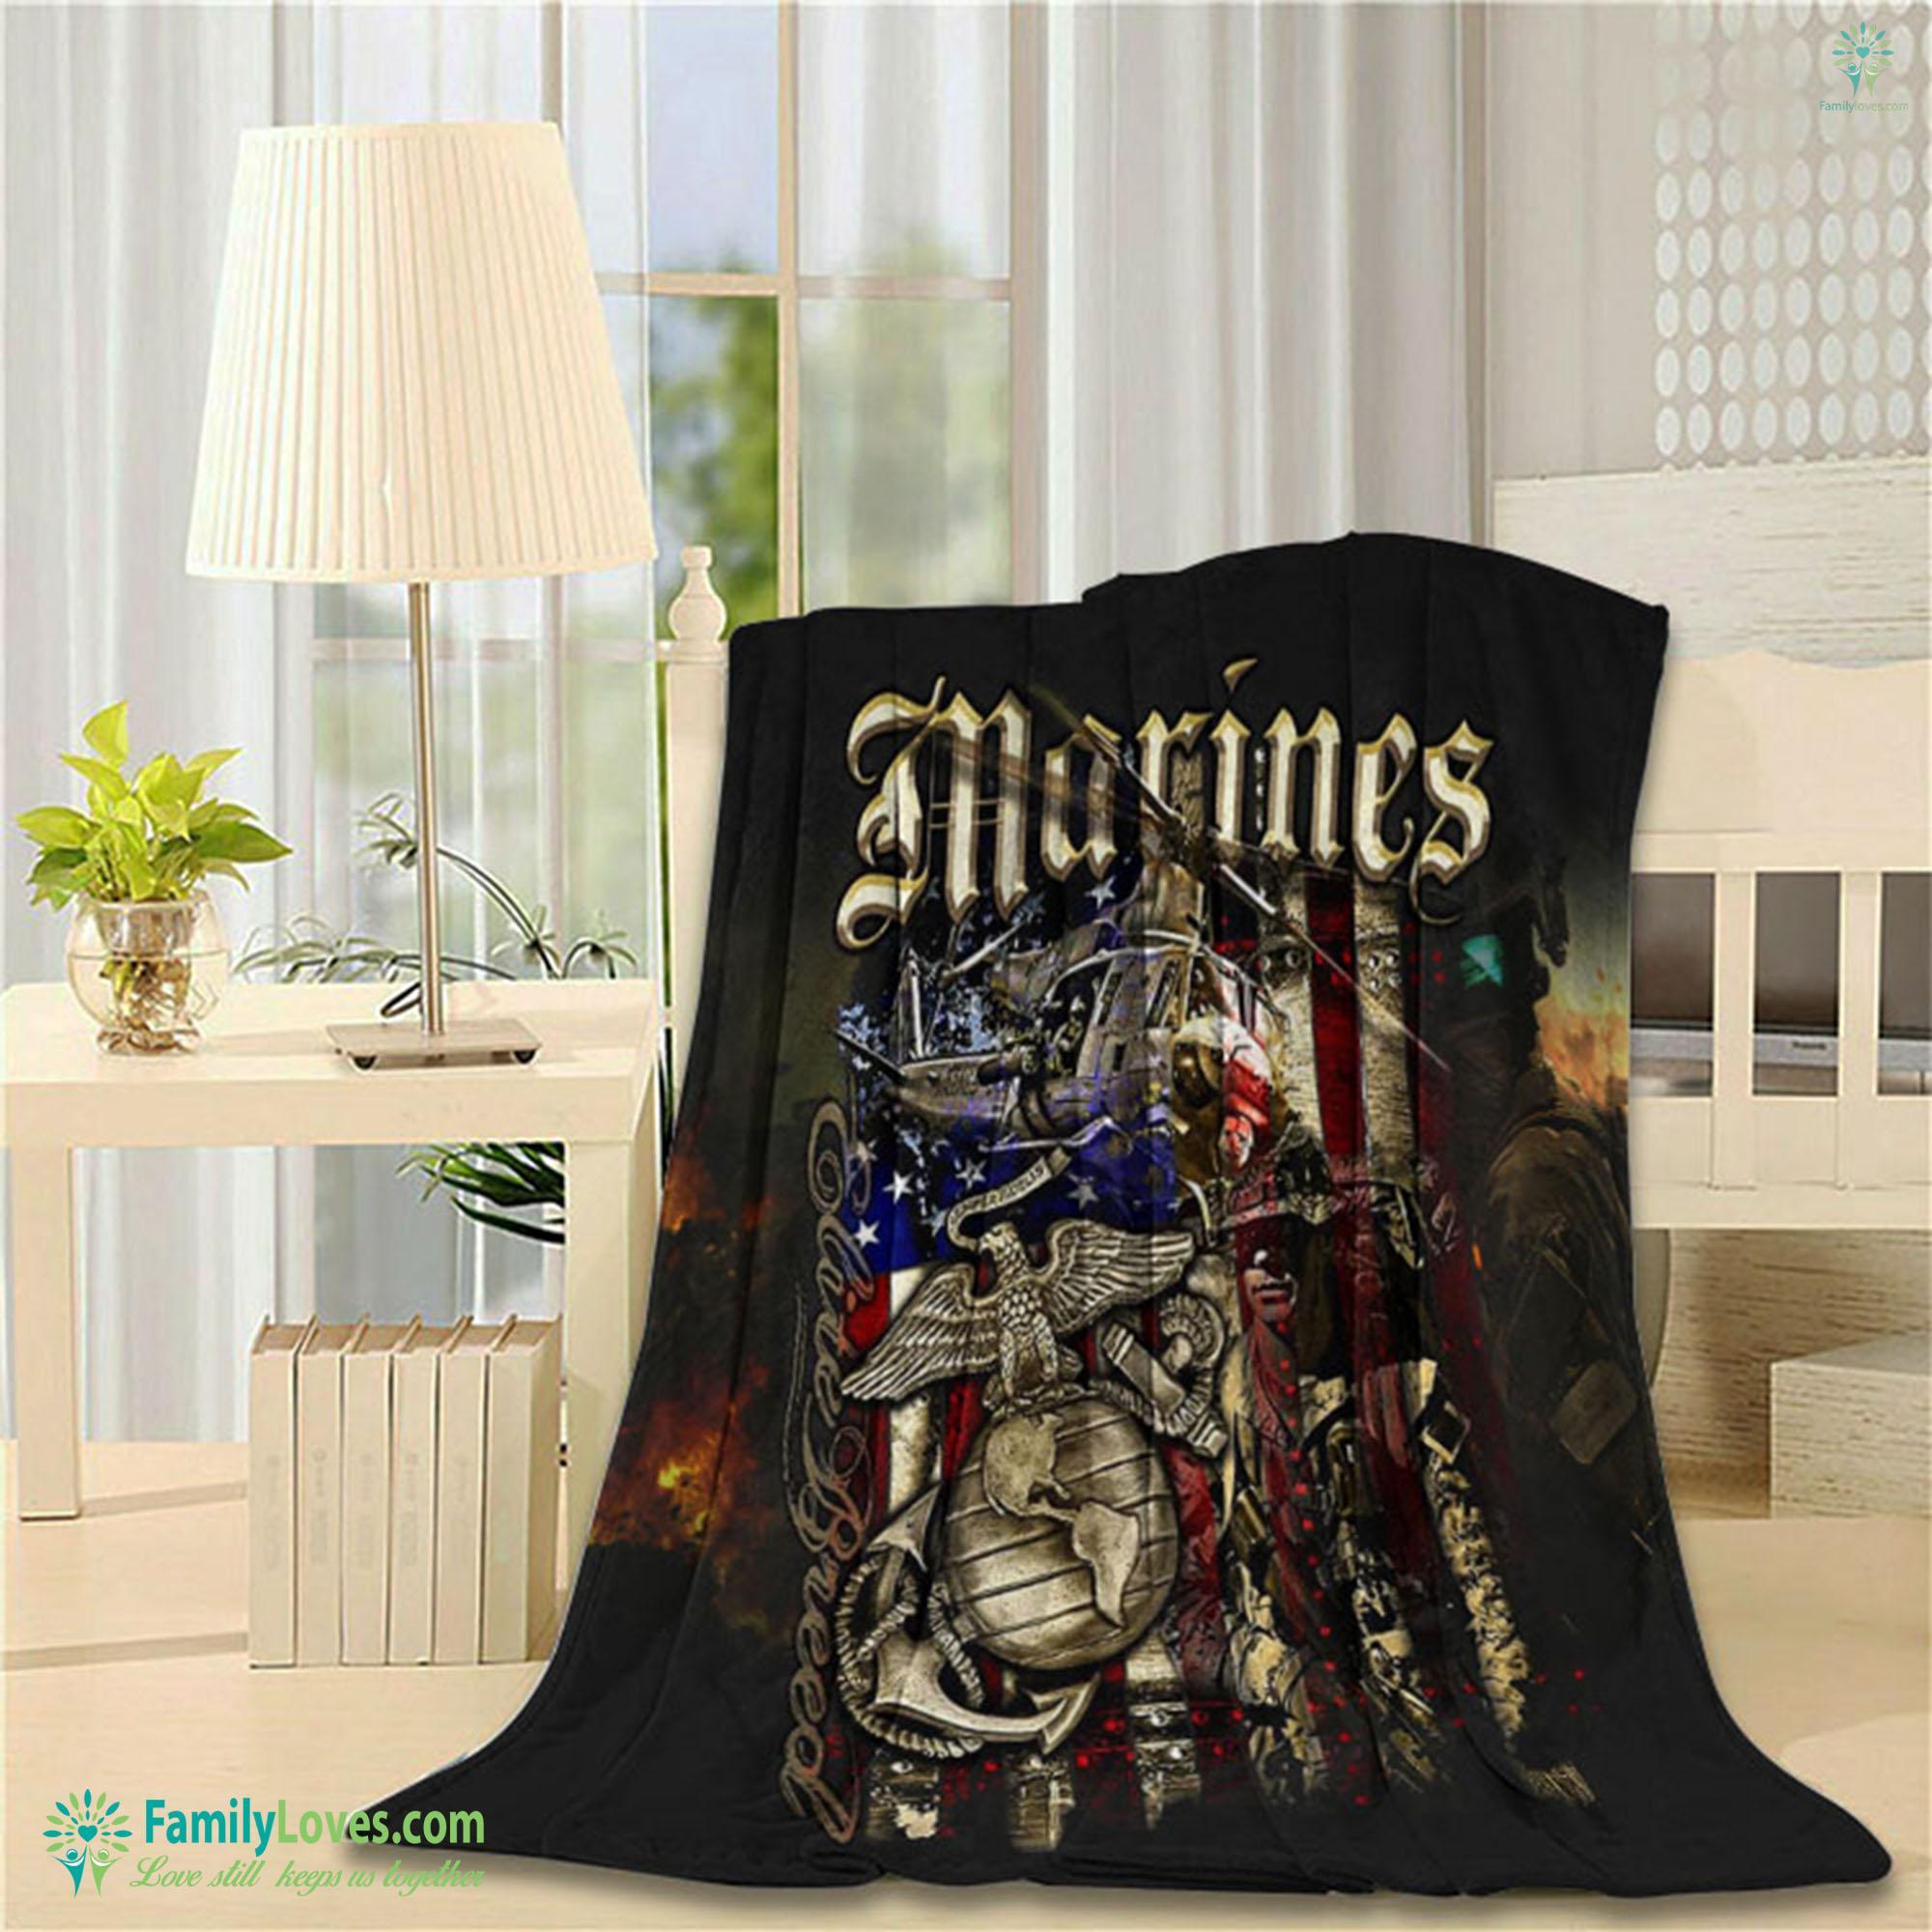 Bedding Usmc Bedding Set Blanket 2 Familyloves.com